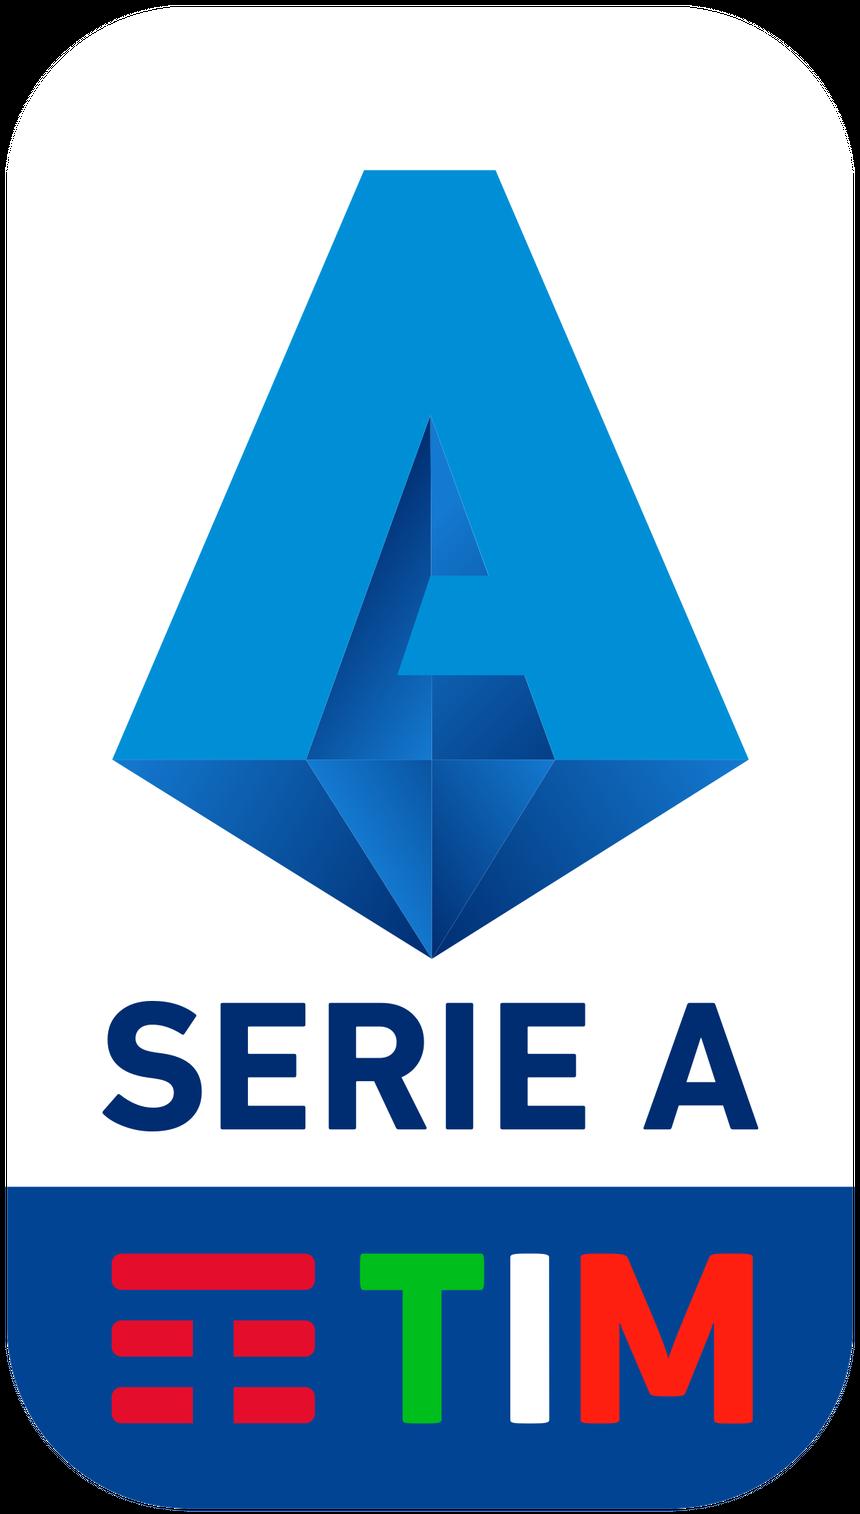 Perioada de mercato din Italia va începe la 1 septembrie